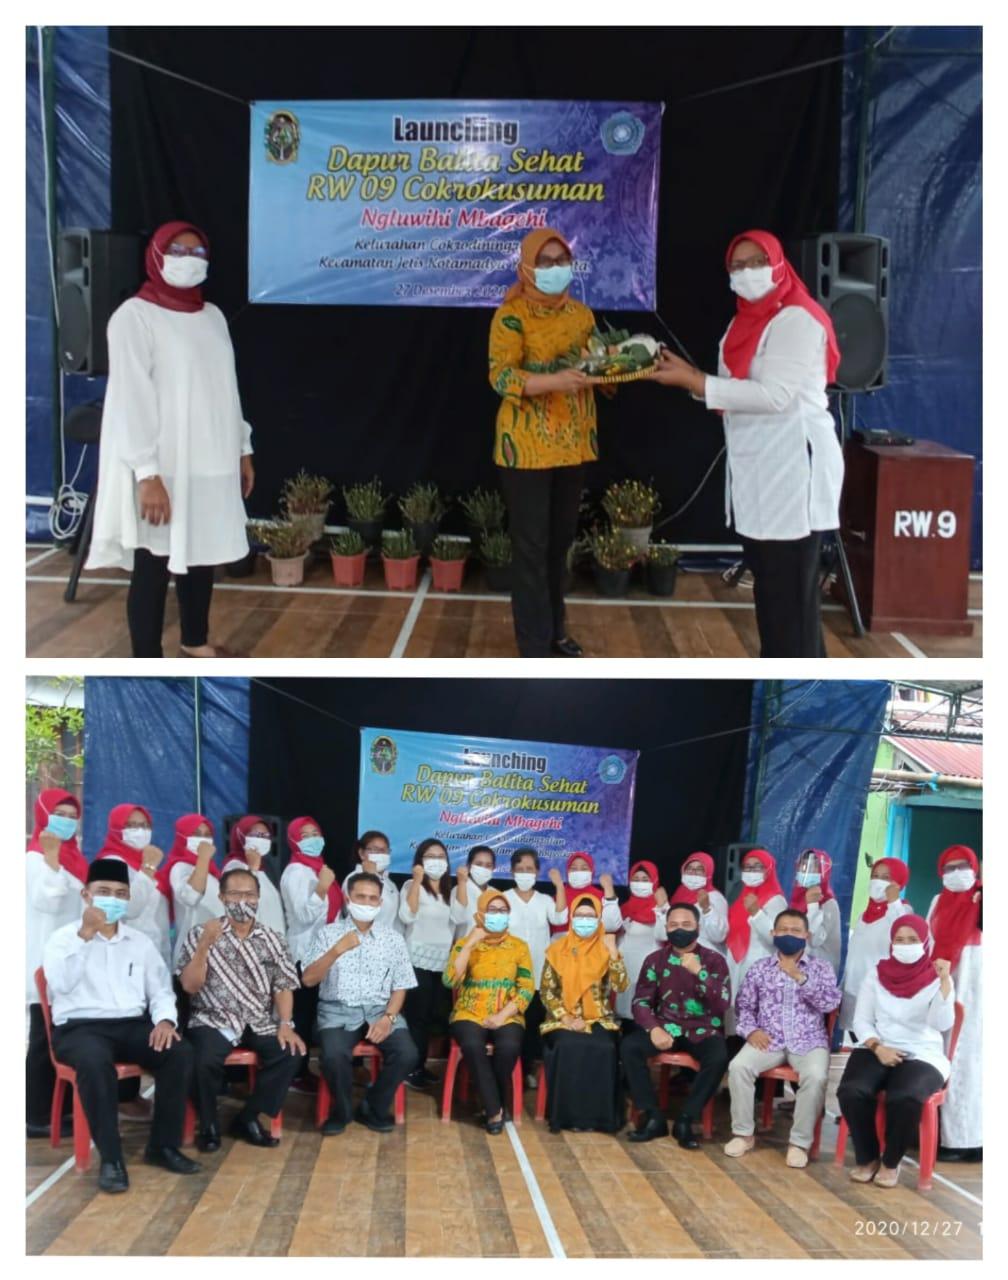 Launching Dapur Balita Ngluwihi Mbagei RW 09 Kampung Cokrokusuman